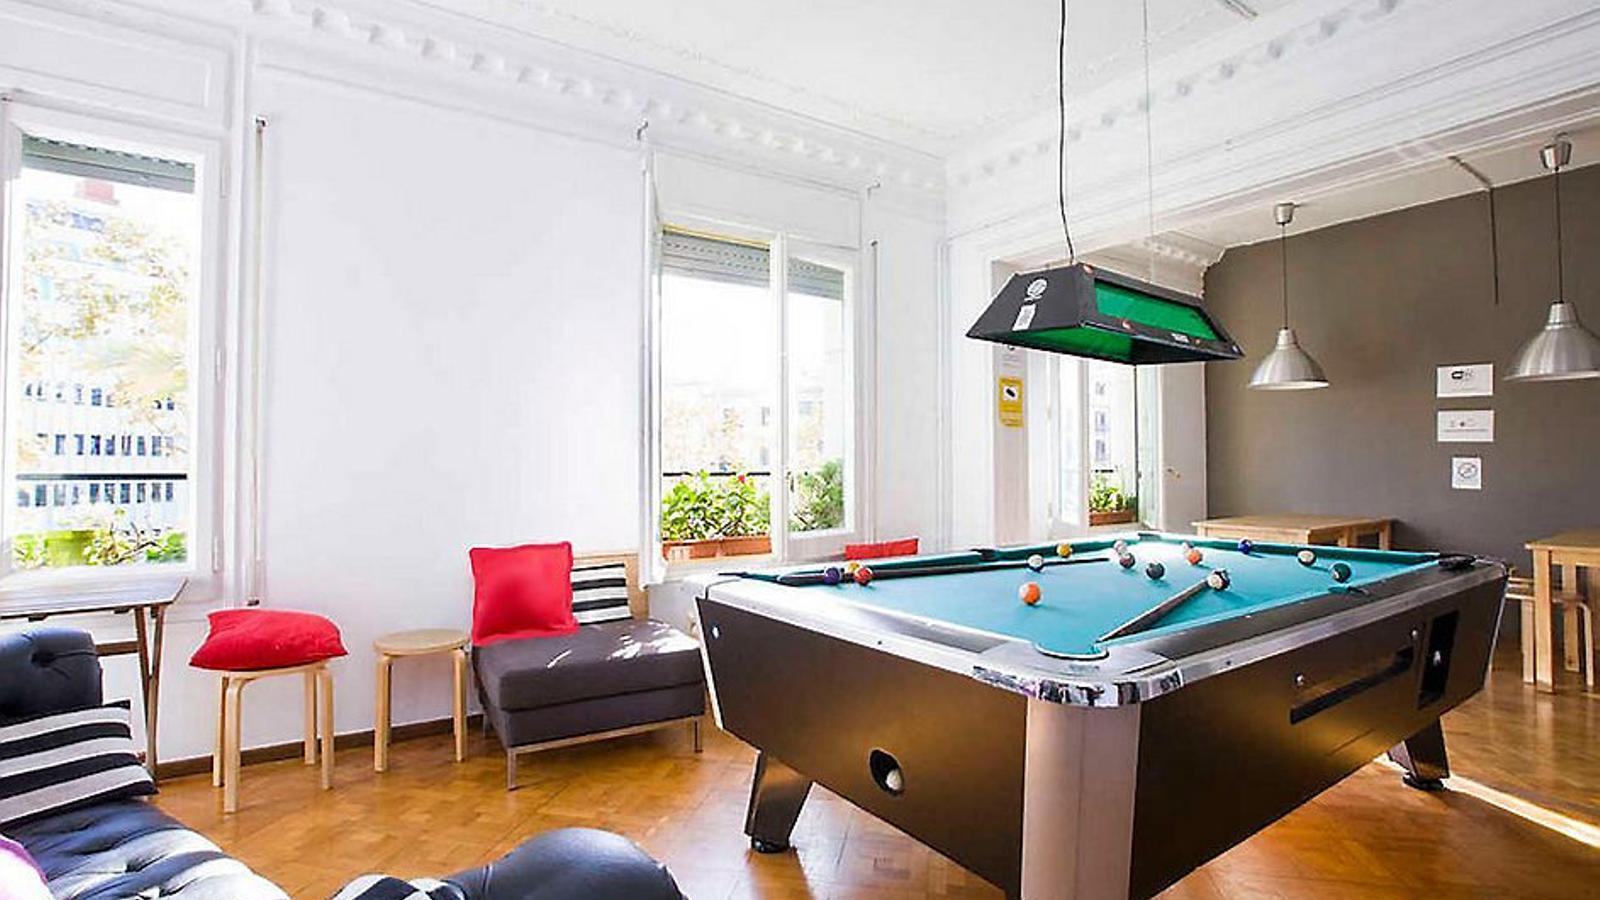 Un país per confinar-s'hi WOW Hostel Barcelona Preus d'hostal en  un allotjament que és com un hotel